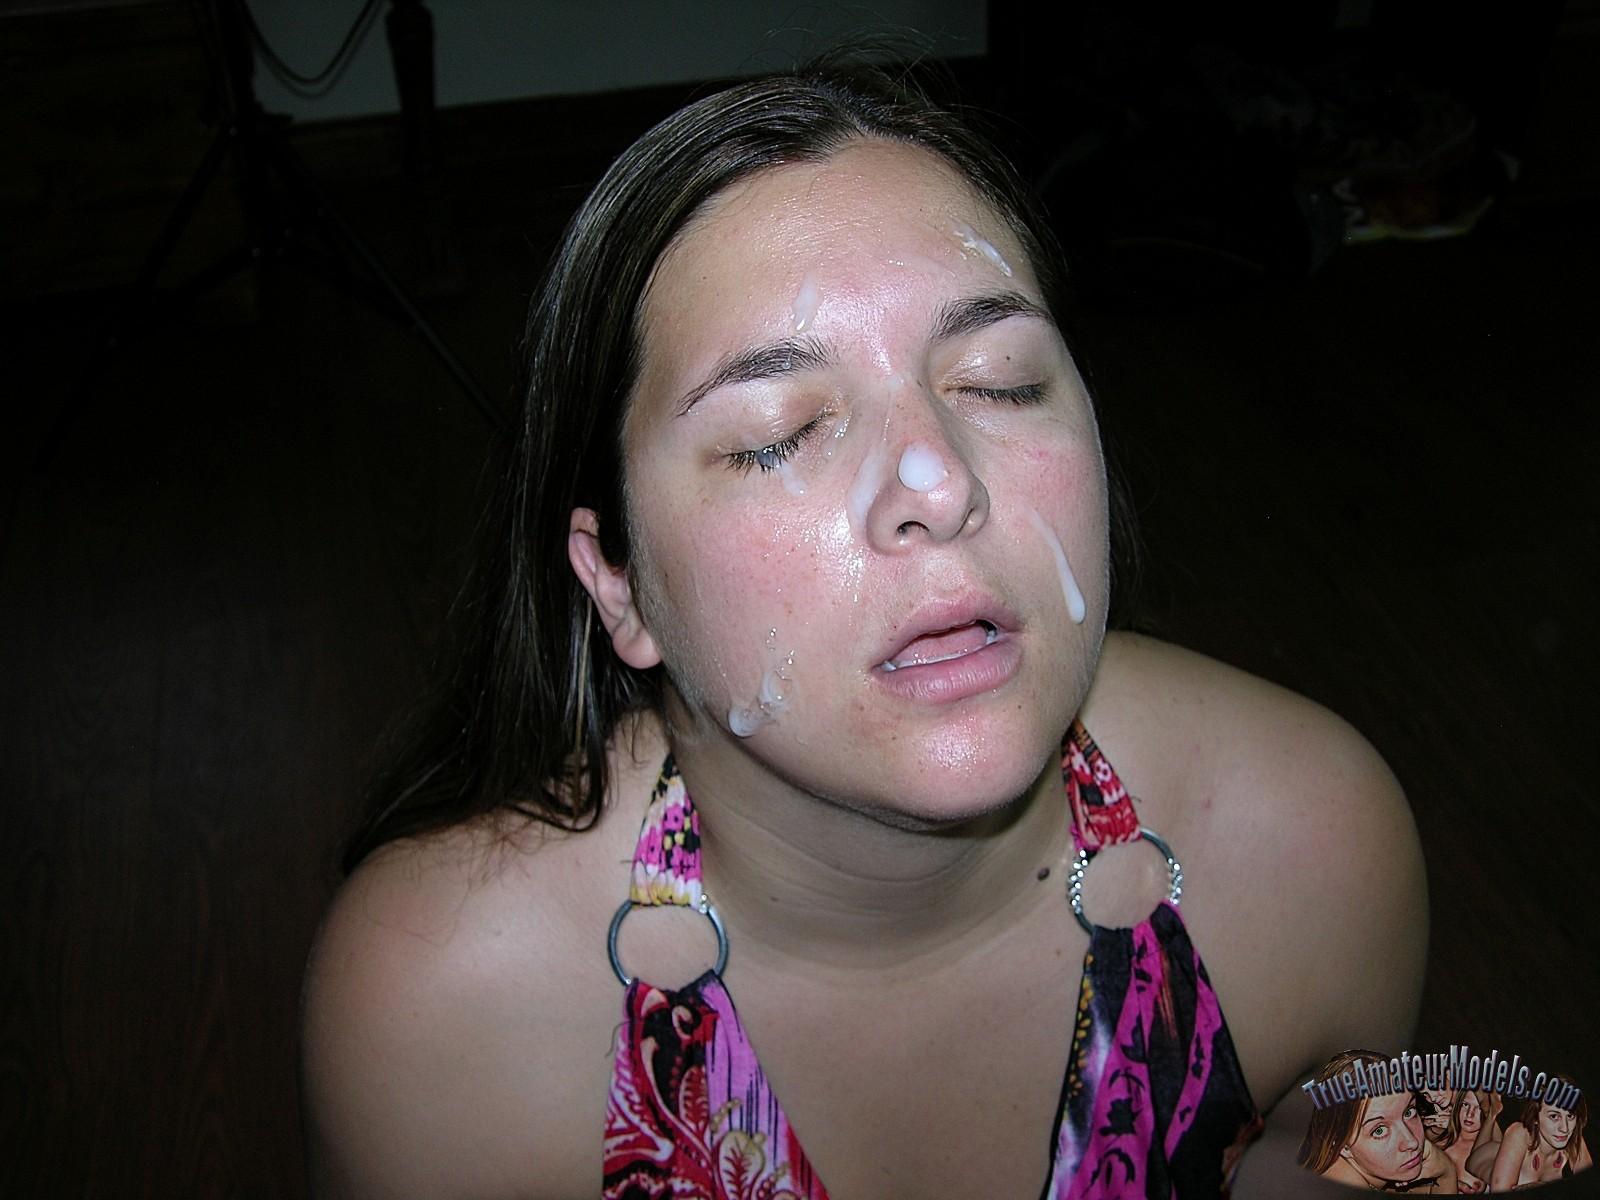 Рей Эдвардс выеб в рот крупную девушку и кончил ей на лицо даже не попросив ее раздеться